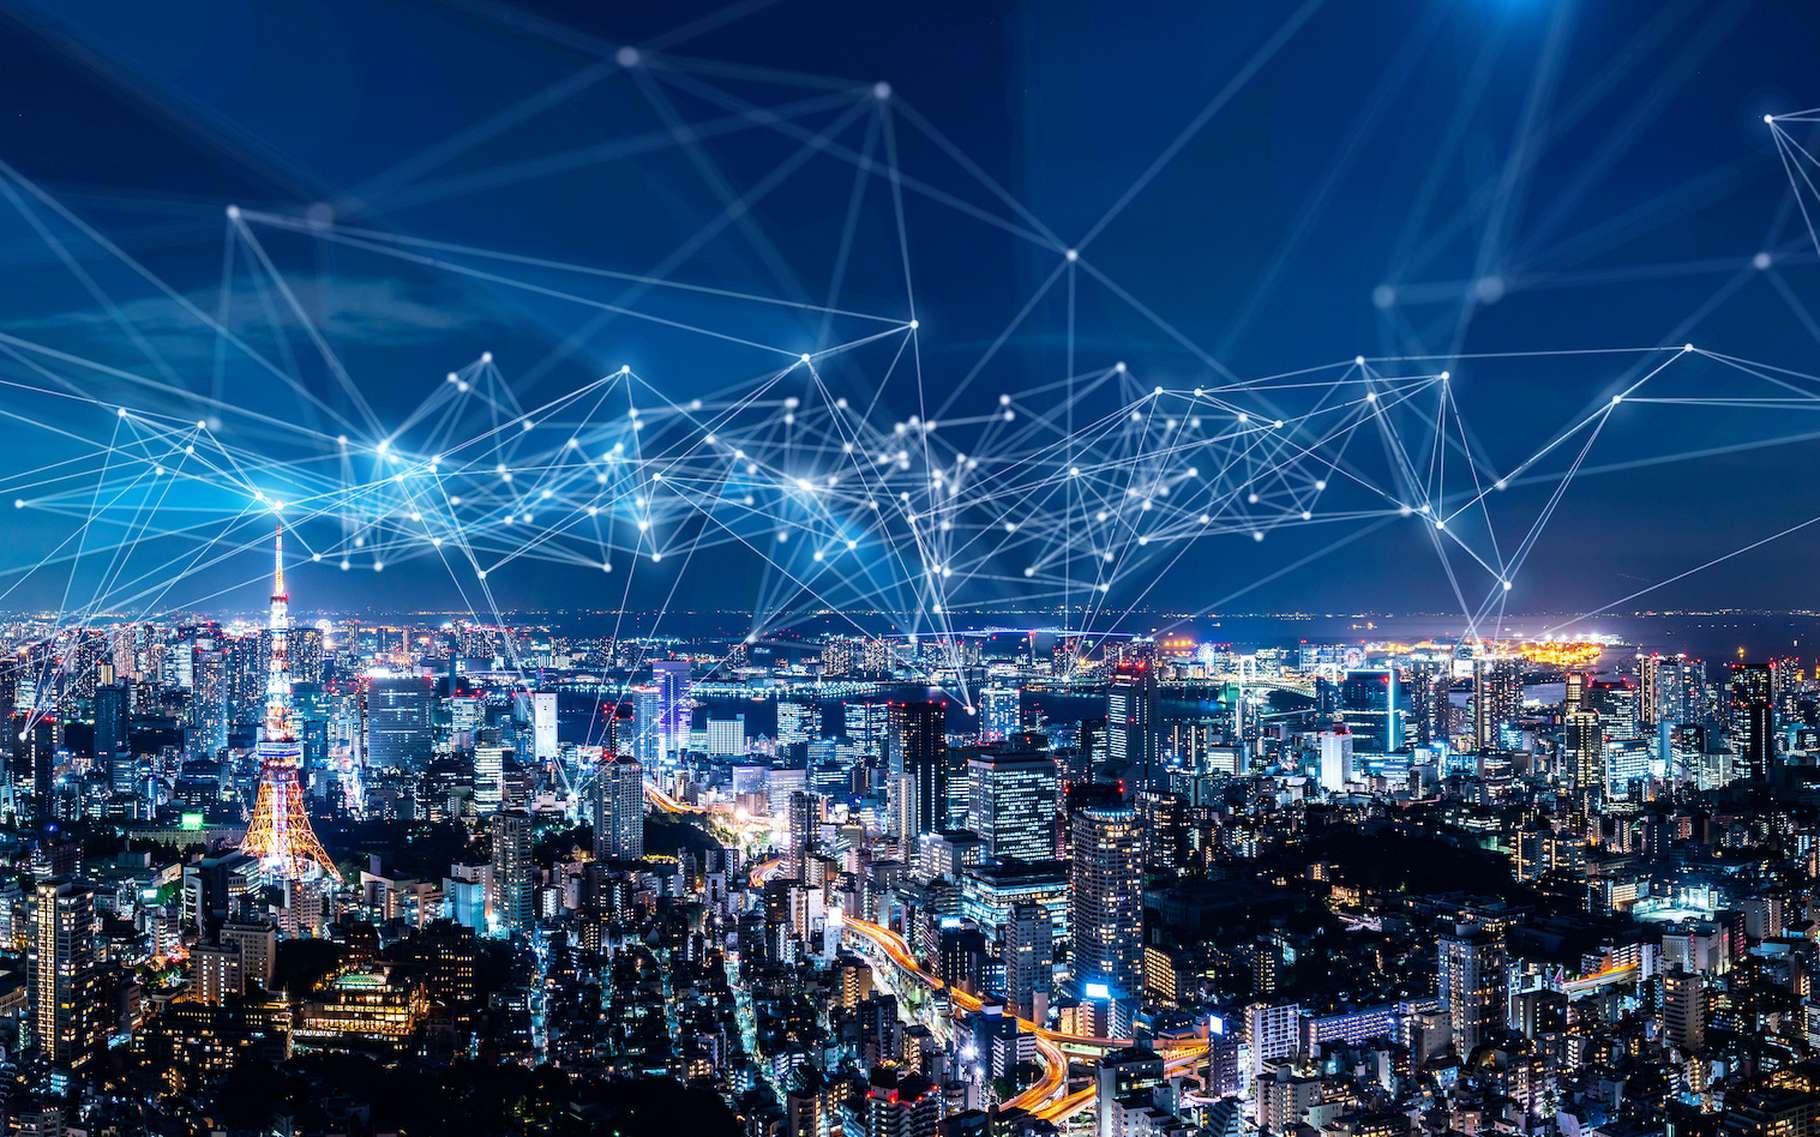 Des capteurs, une intelligence artificielle, mais surtout, un être humain et son environnement replacés au centre des problématiques. C'est ainsi que se définit le concept de smart city. © metamorworks, Adobe Stock